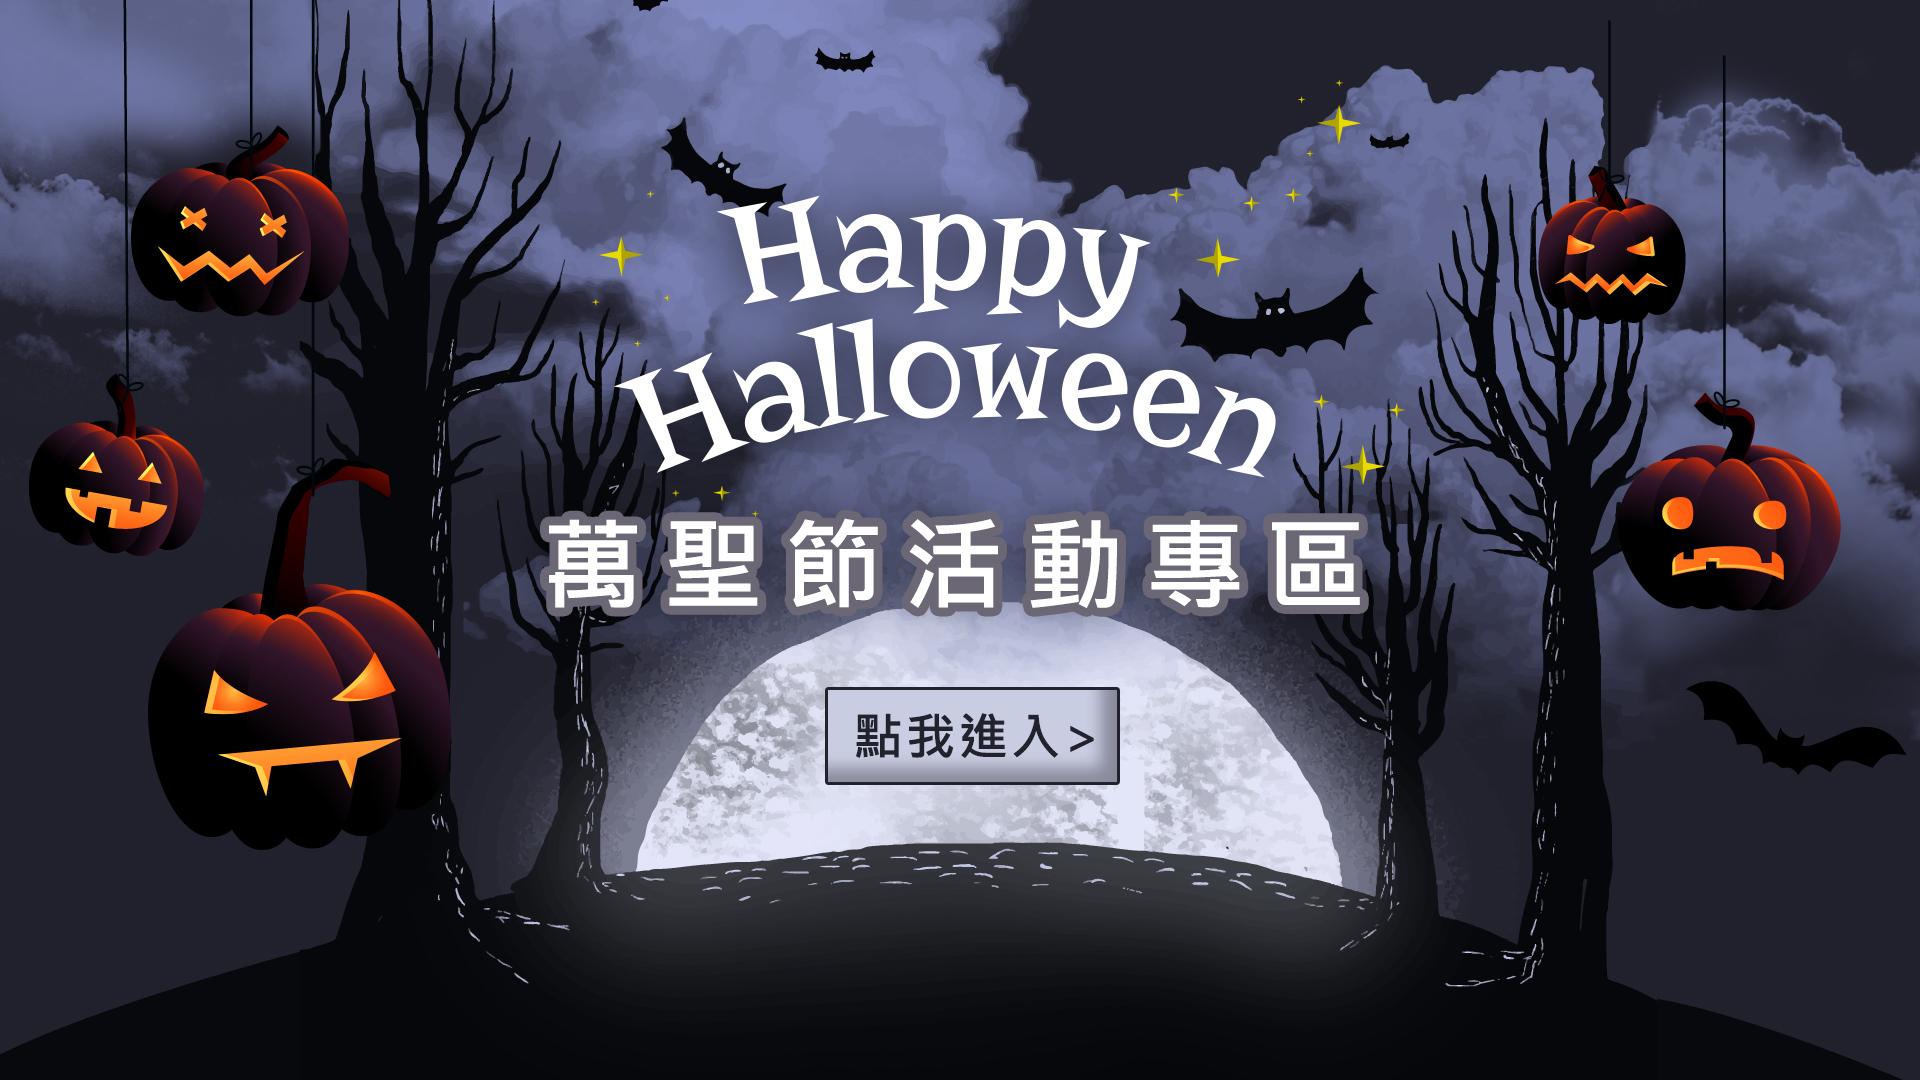 萬聖節,Happy Halloween,好友分享,萬聖節裝扮,萬聖節穿搭,萬聖節變裝,變裝舞會,Halloween穿搭,Halloween ootd,nubra,nubra絕世好波,隱形內衣,隱形胸罩,party,派對,萬聖節派對